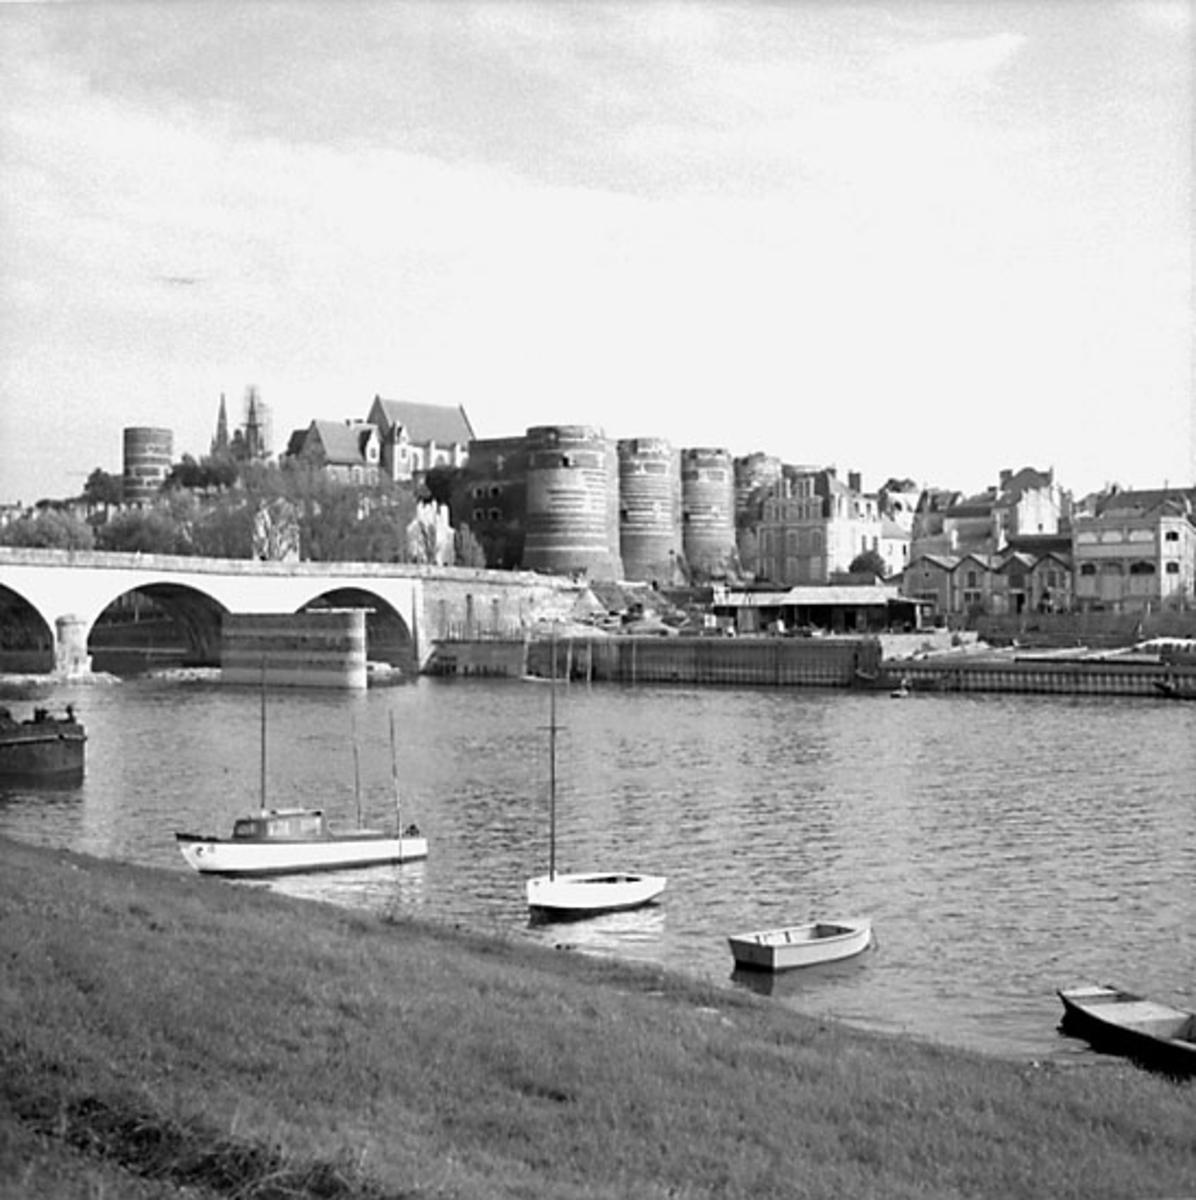 6. Frankrike. Fotojournal finns på B.M.A. + fotoalbum. Samtidigt förvärv: Böcker och arkivmaterial. Foton tagna 1959-10-16. 12 Bilder i serie.